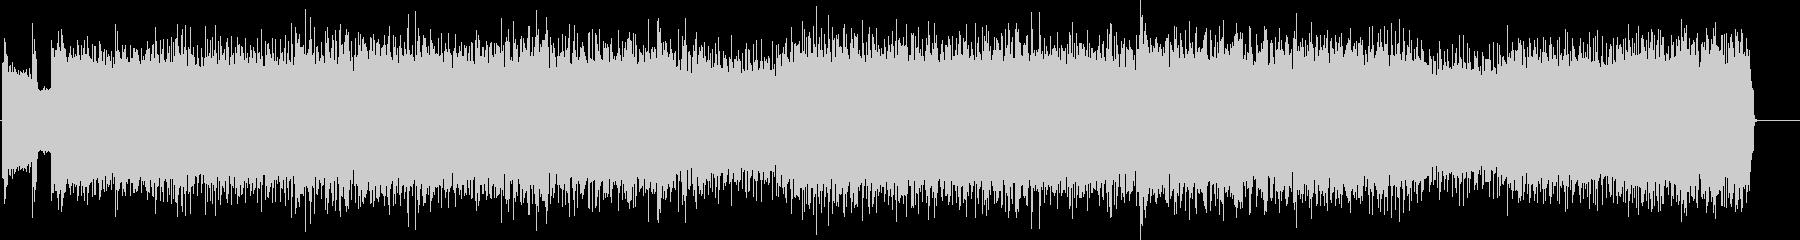 ドラマティックなマイナーハードロックの未再生の波形